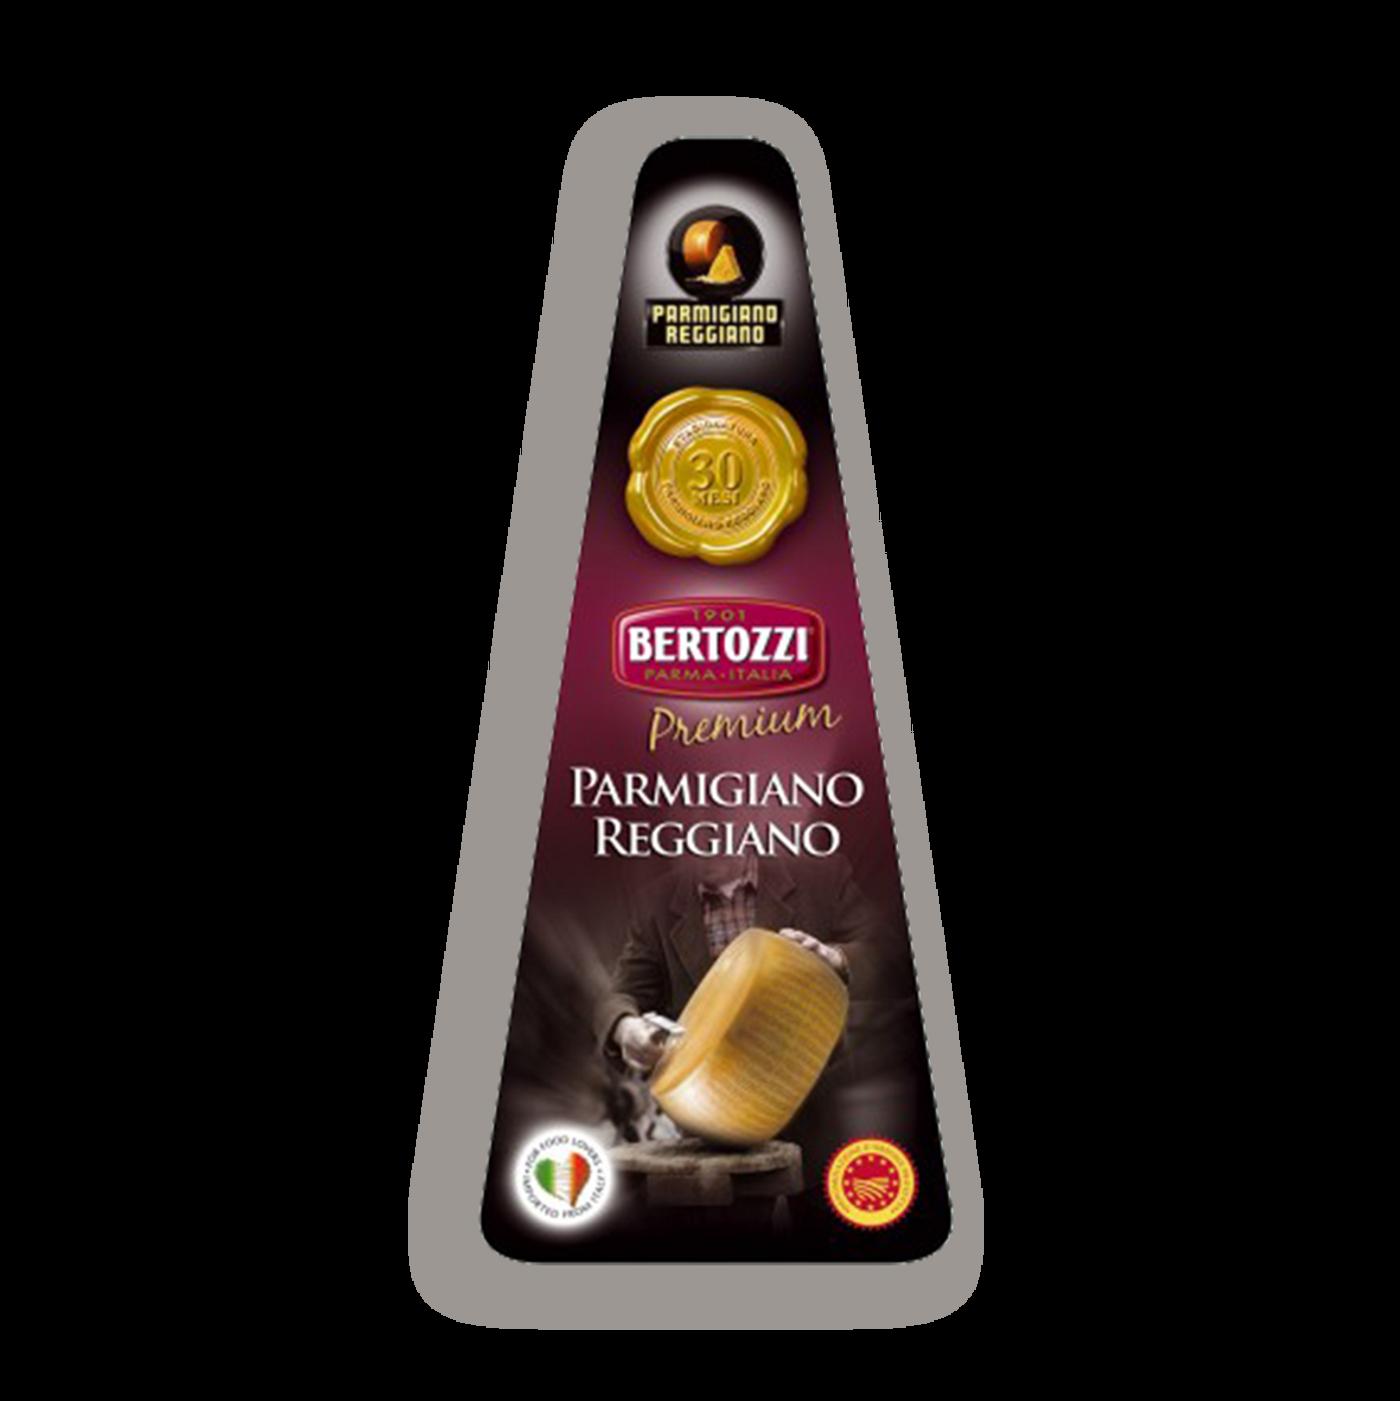 Parmigiano Reggiano Dop 30 Meses